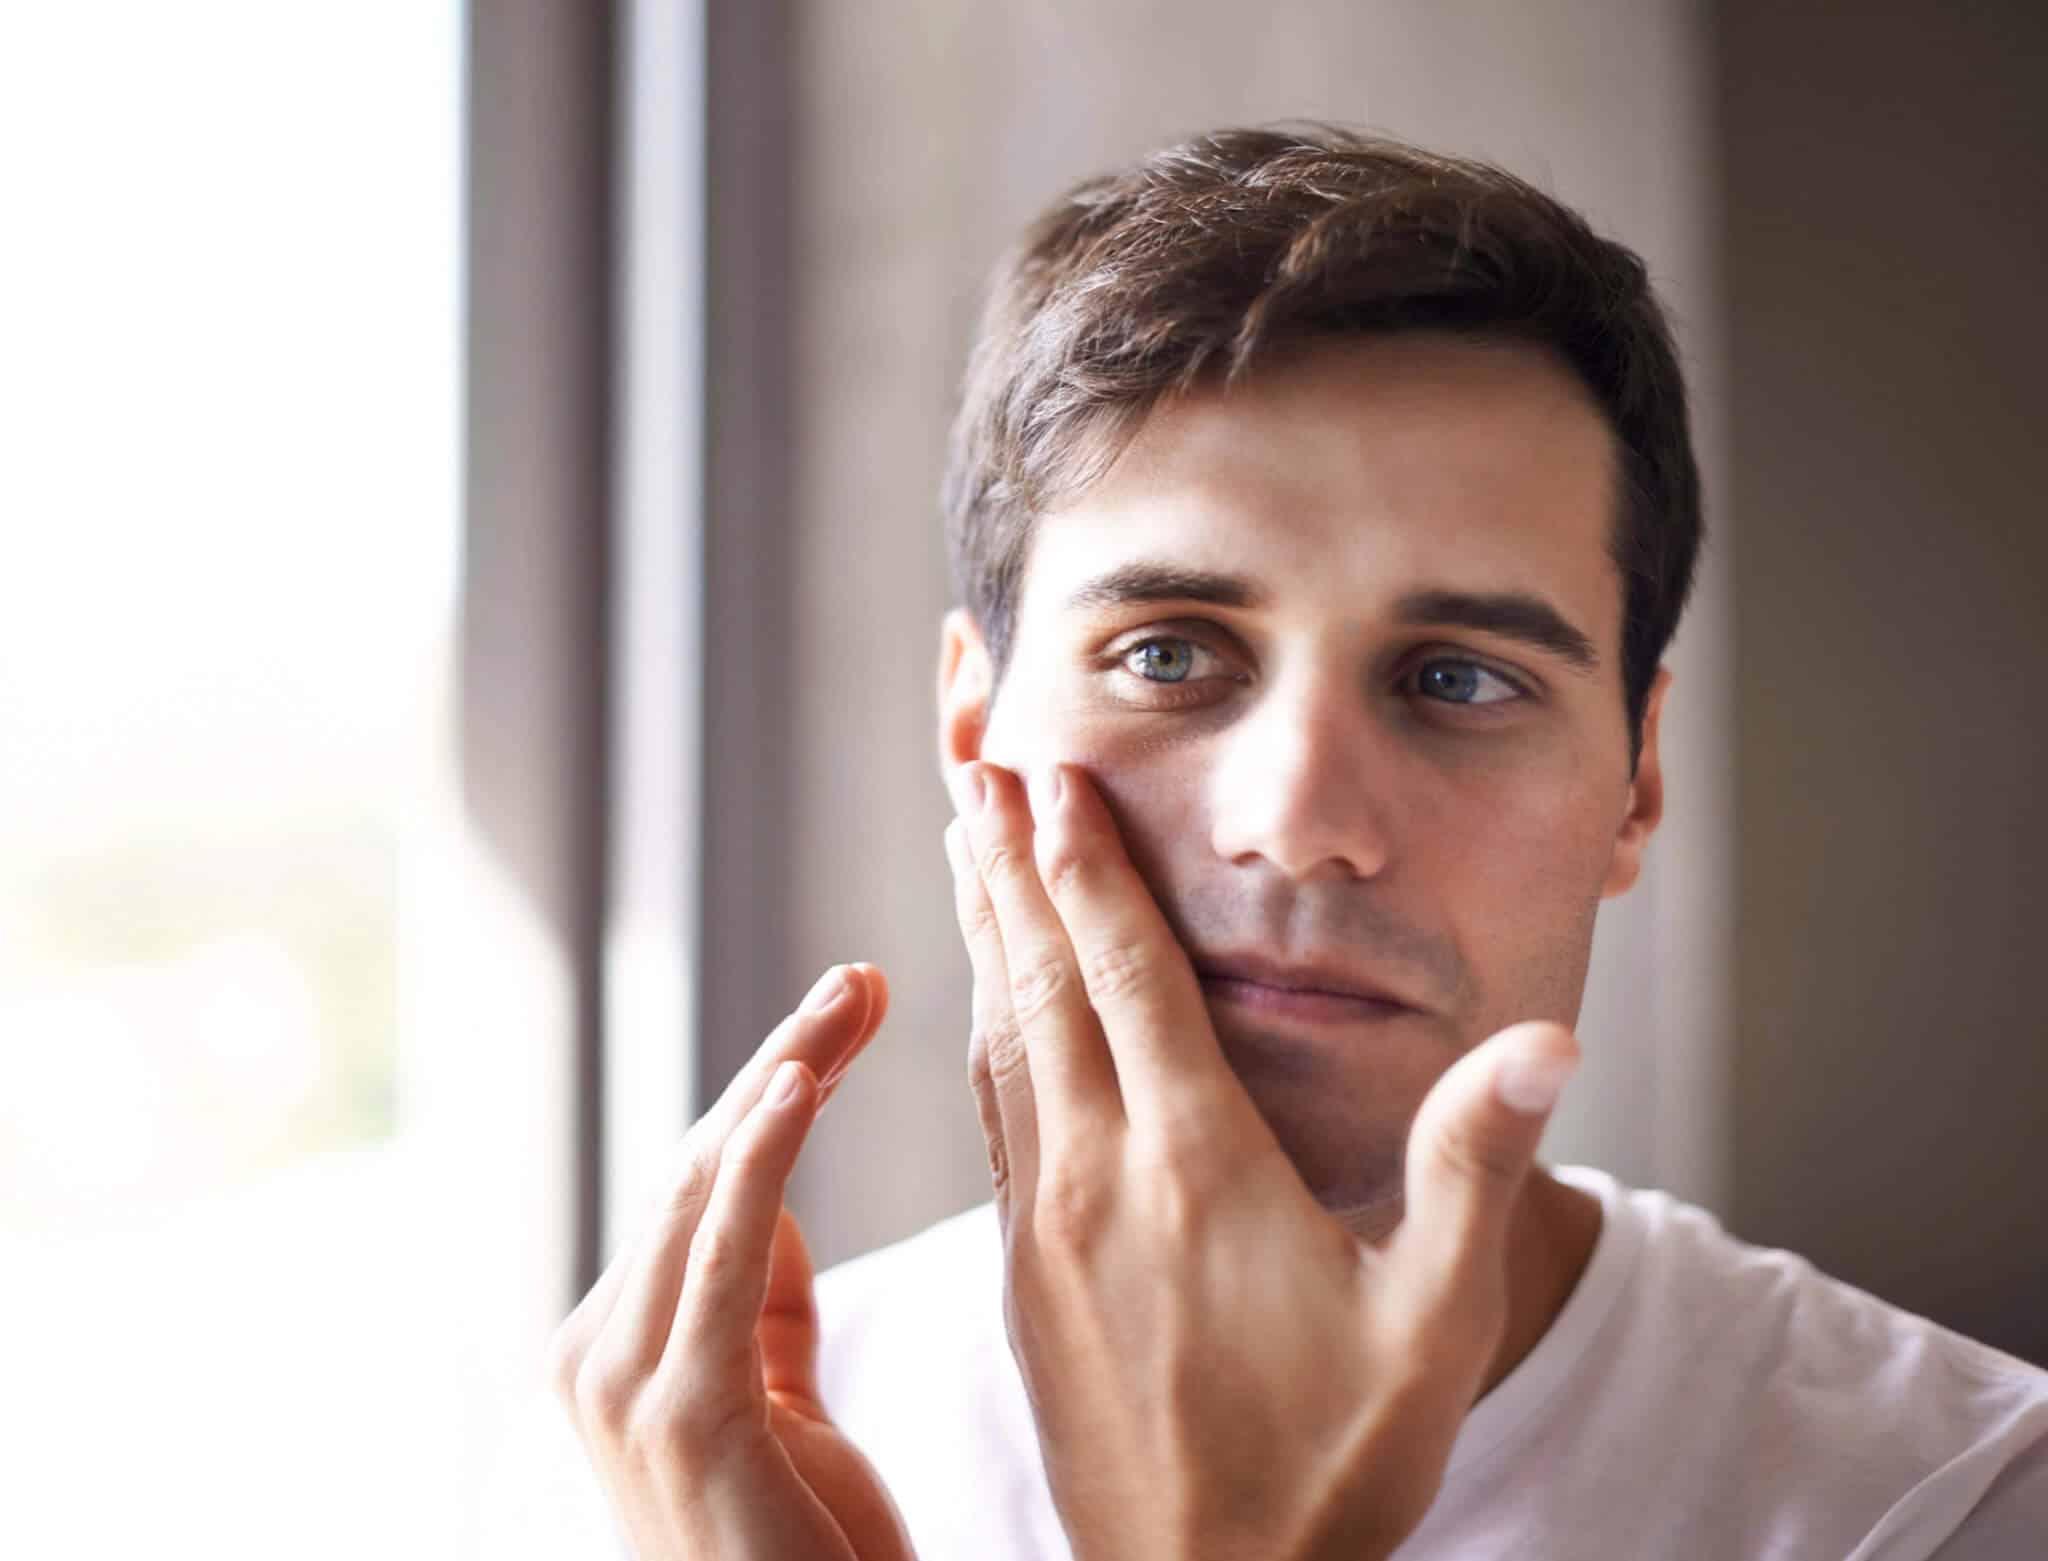 Schmerzen - wann hilft ein Oralchirurg?